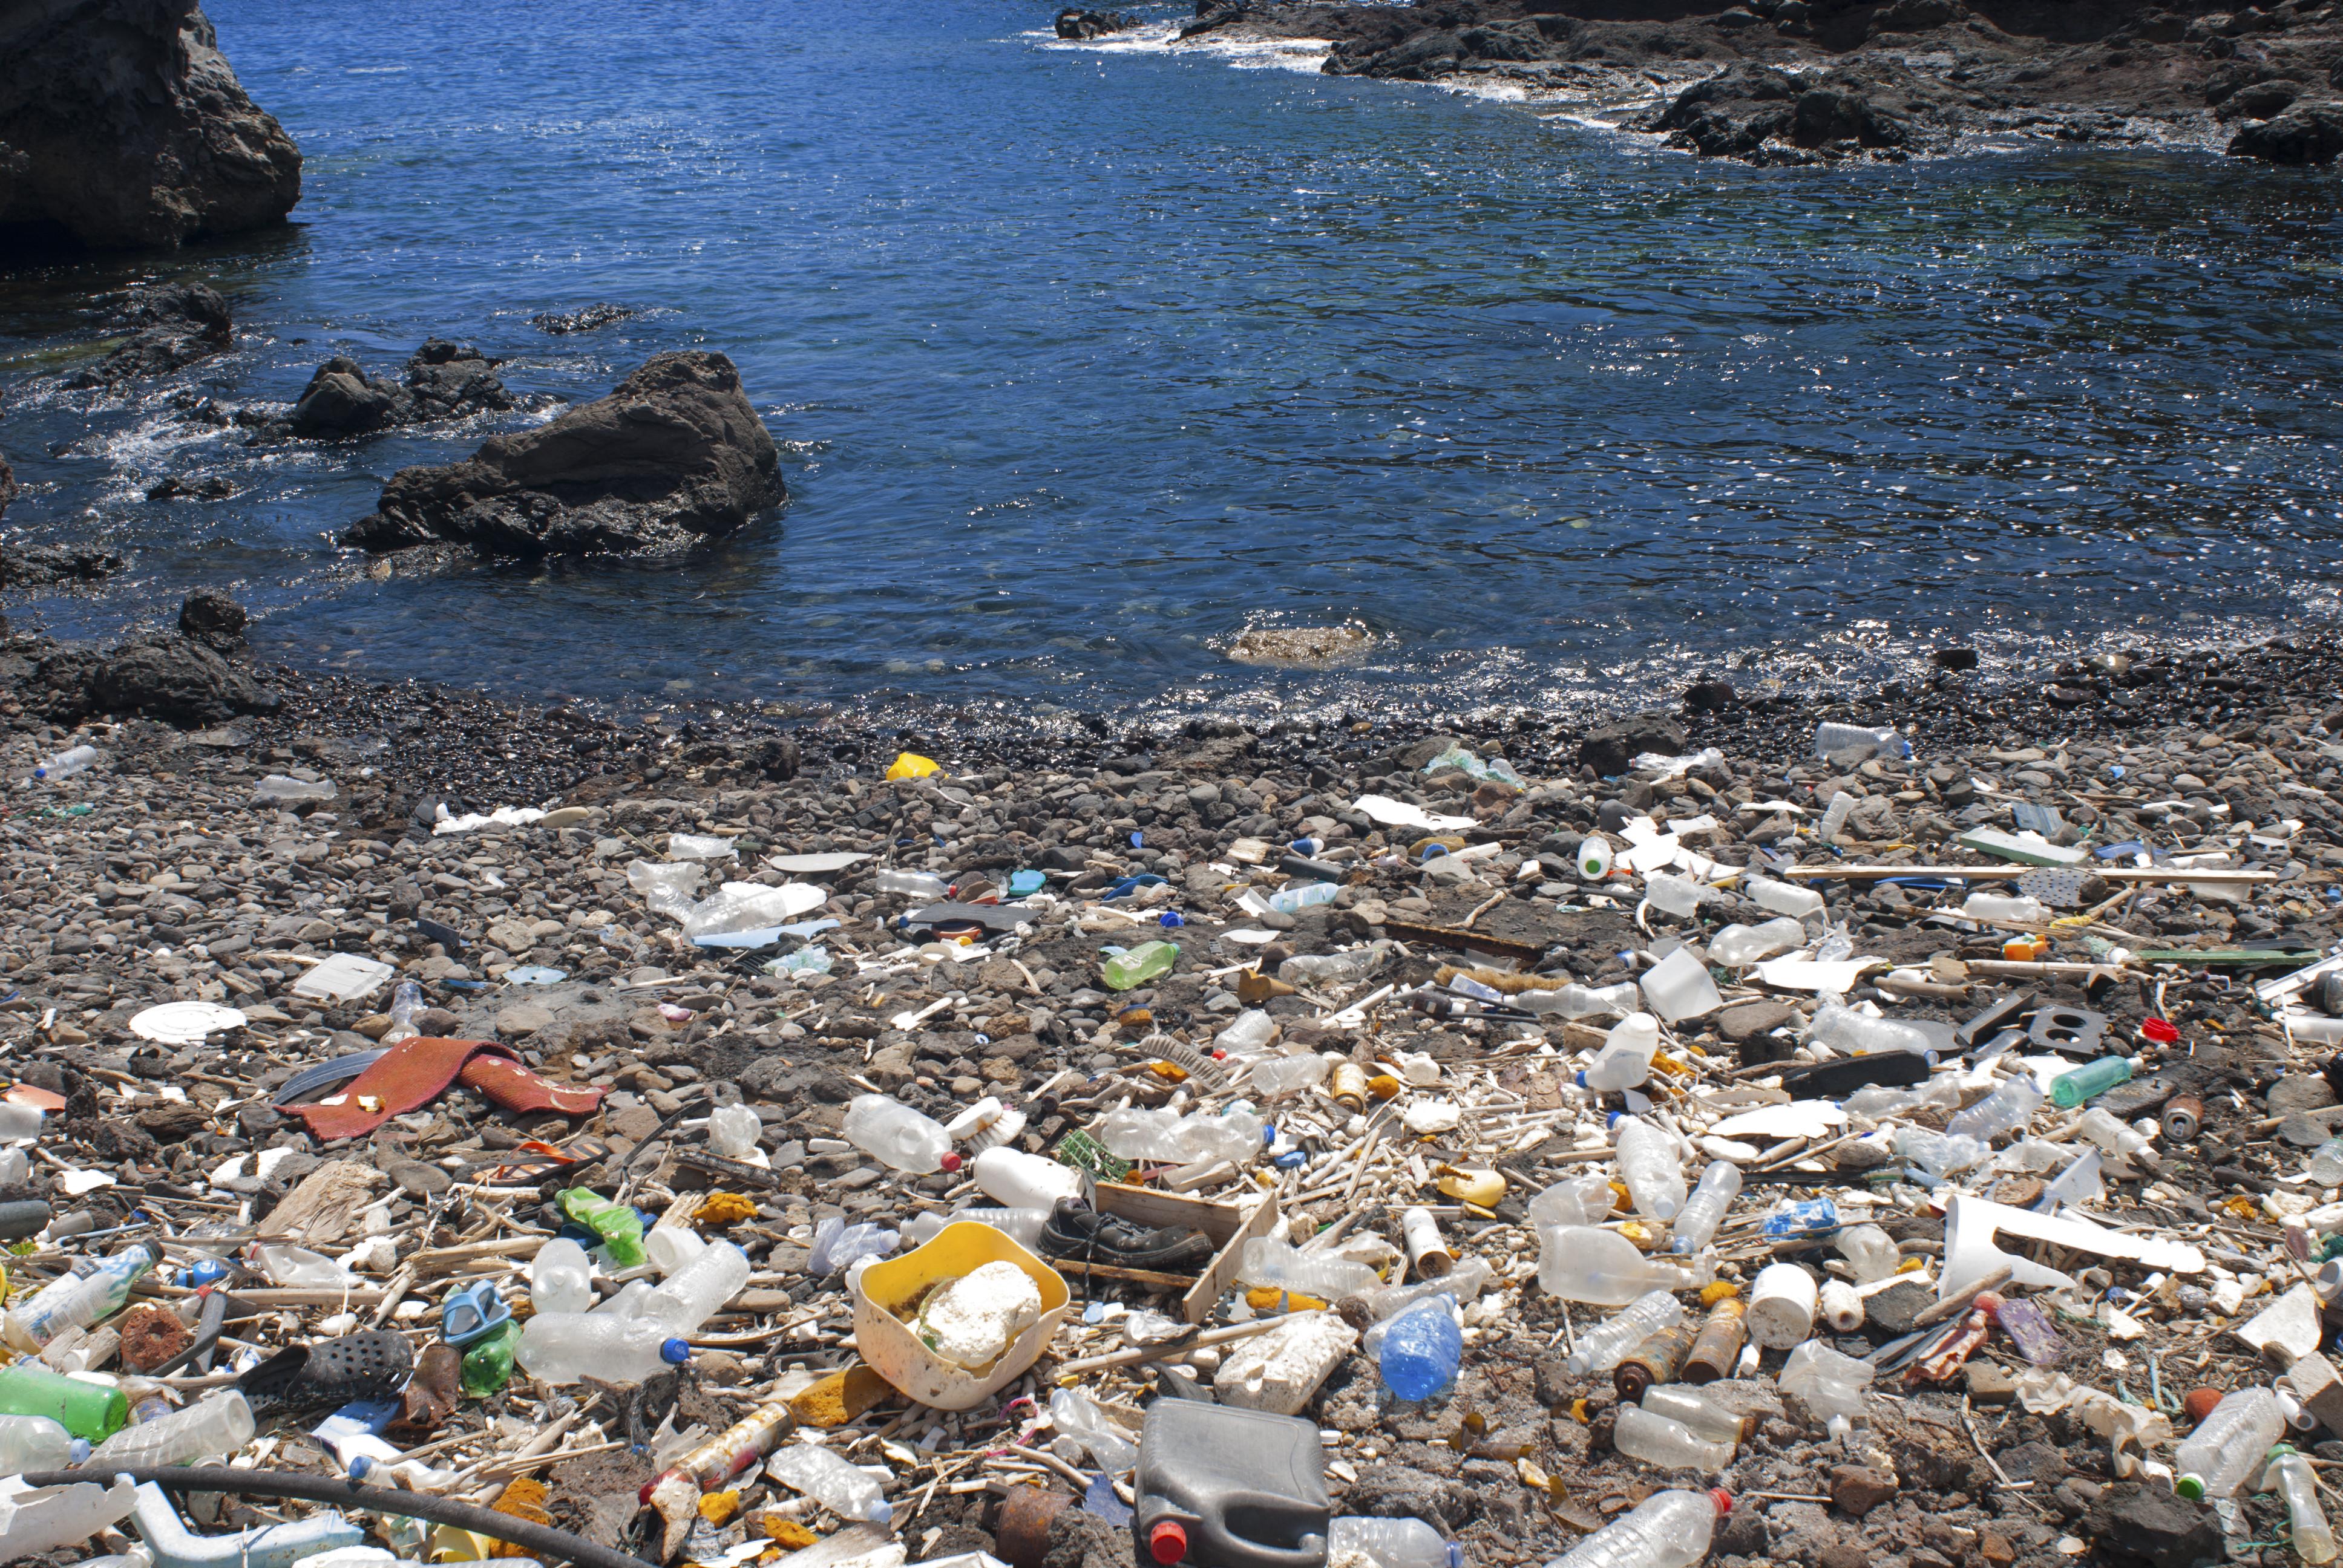 Denúncia de lixo no mar, não importa onde aconteça é problema (Sergio Hanquet/ Biosphoto/AFP)